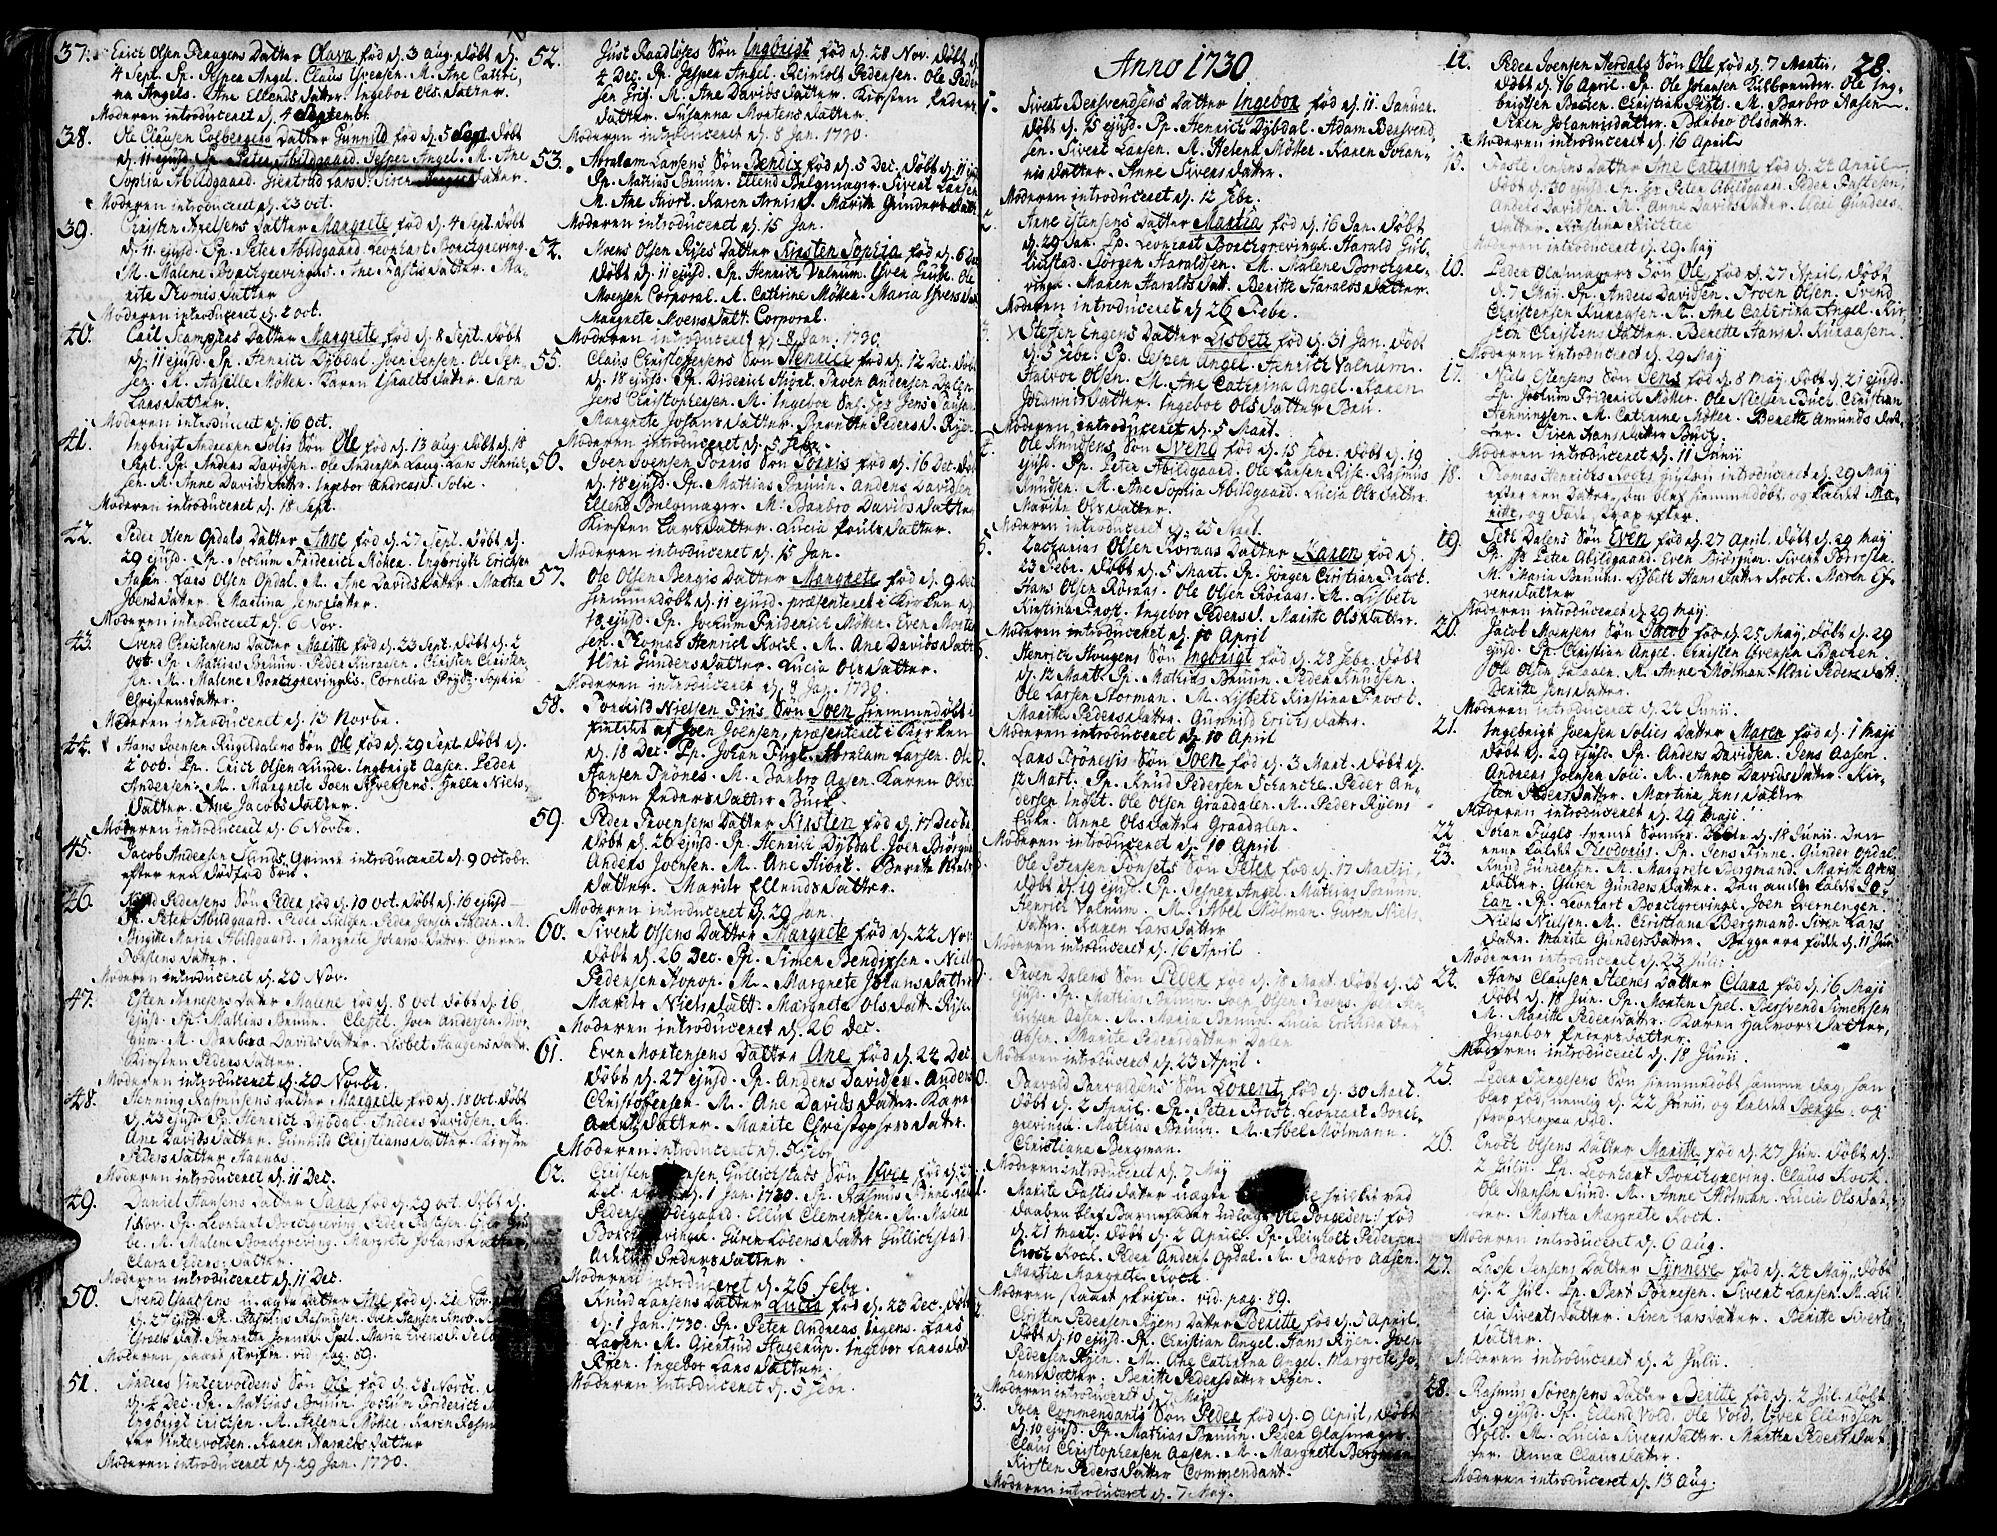 SAT, Ministerialprotokoller, klokkerbøker og fødselsregistre - Sør-Trøndelag, 681/L0925: Ministerialbok nr. 681A03, 1727-1766, s. 28